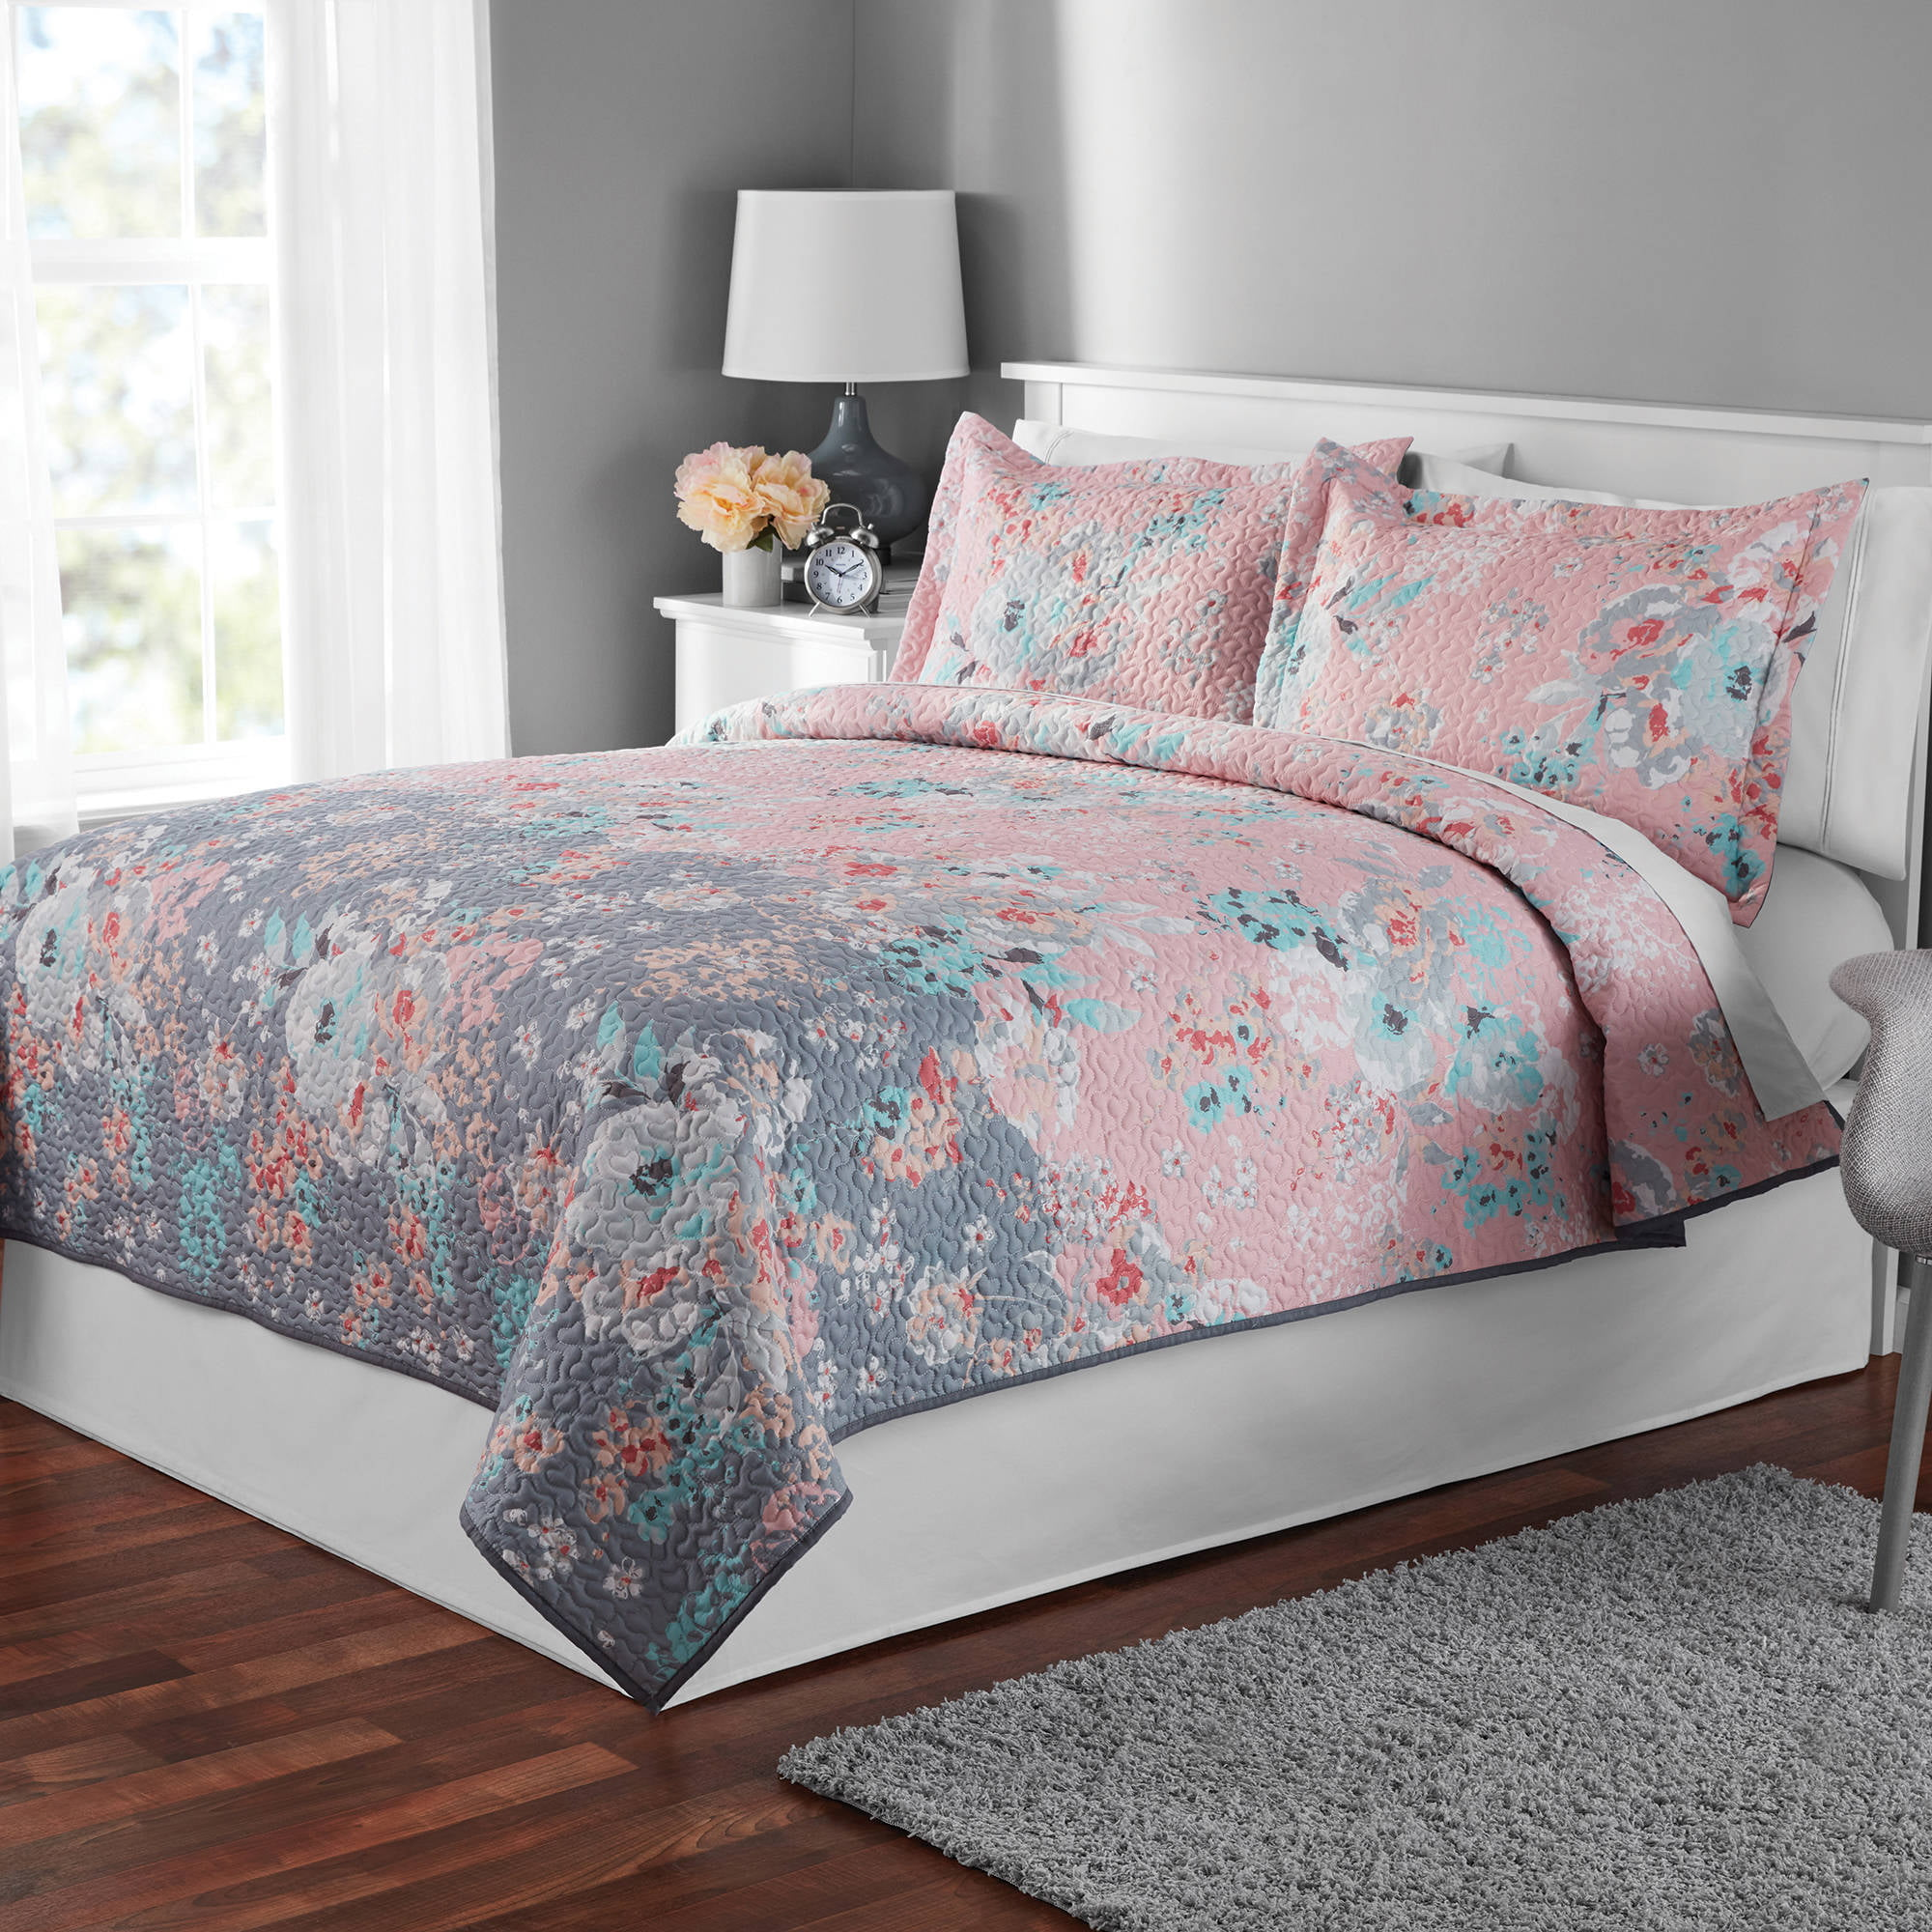 king size bedspread walmart